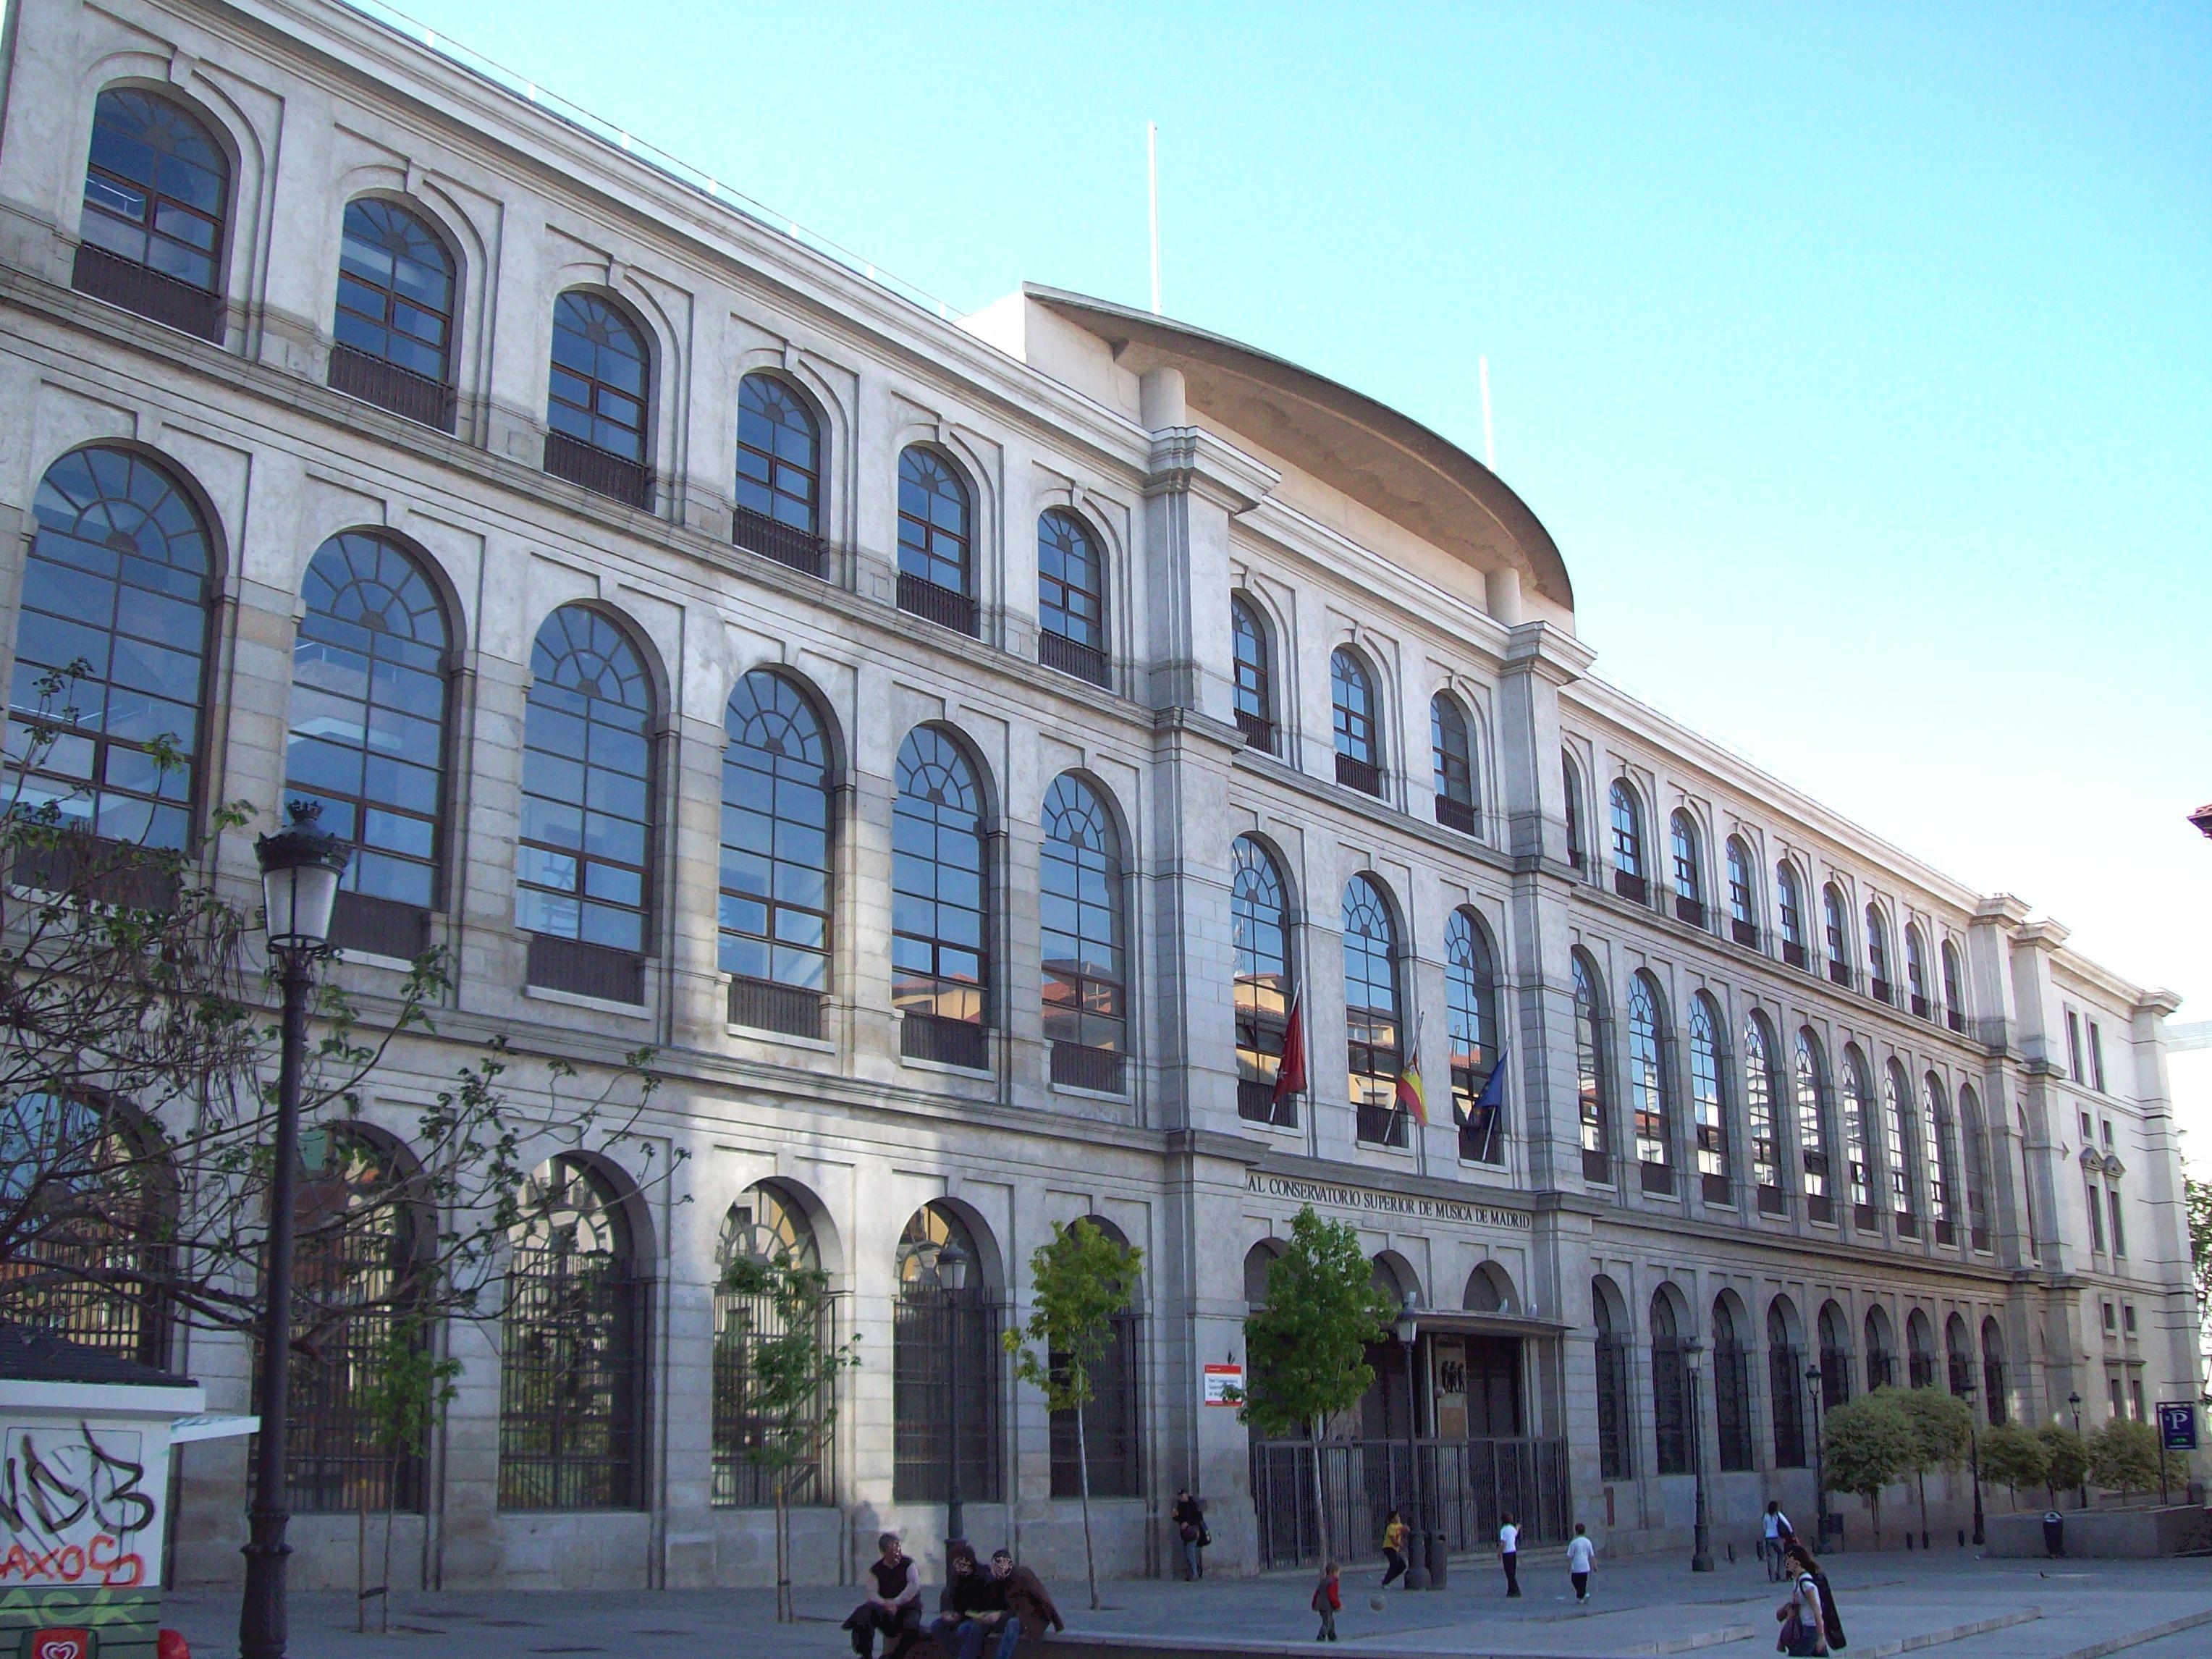 Достопримечательности Мадрида - описание от сайта недвижимости Испании